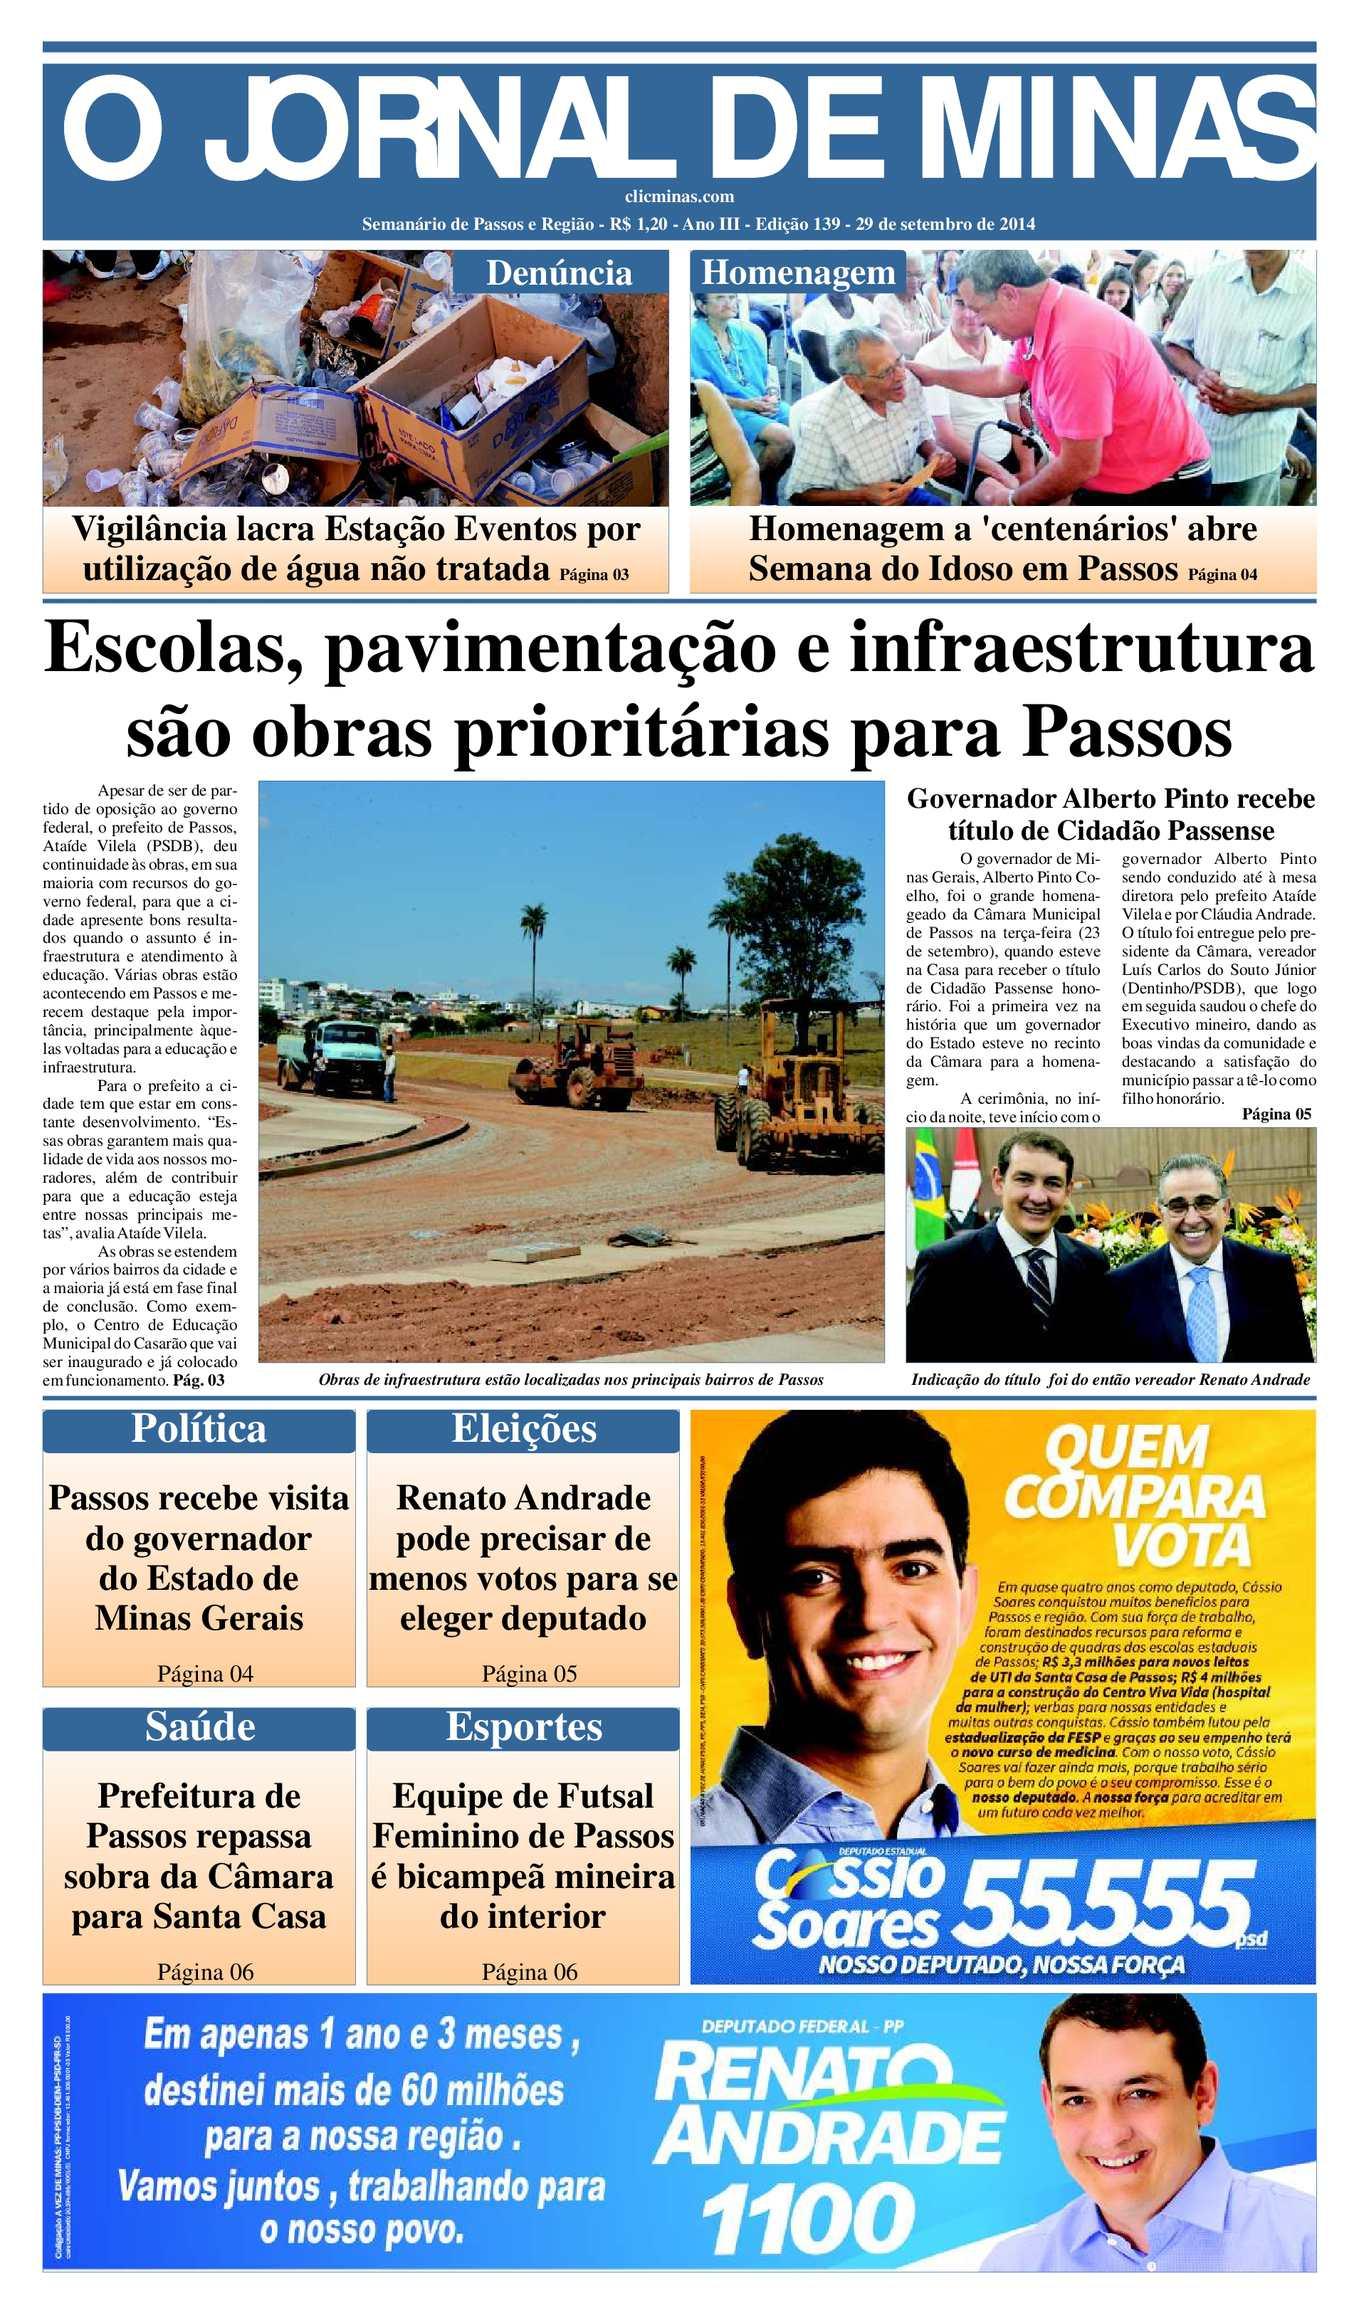 16af341072 Calaméo - O Jornal de Minas Edição 139 de 29 de setembro de 2014